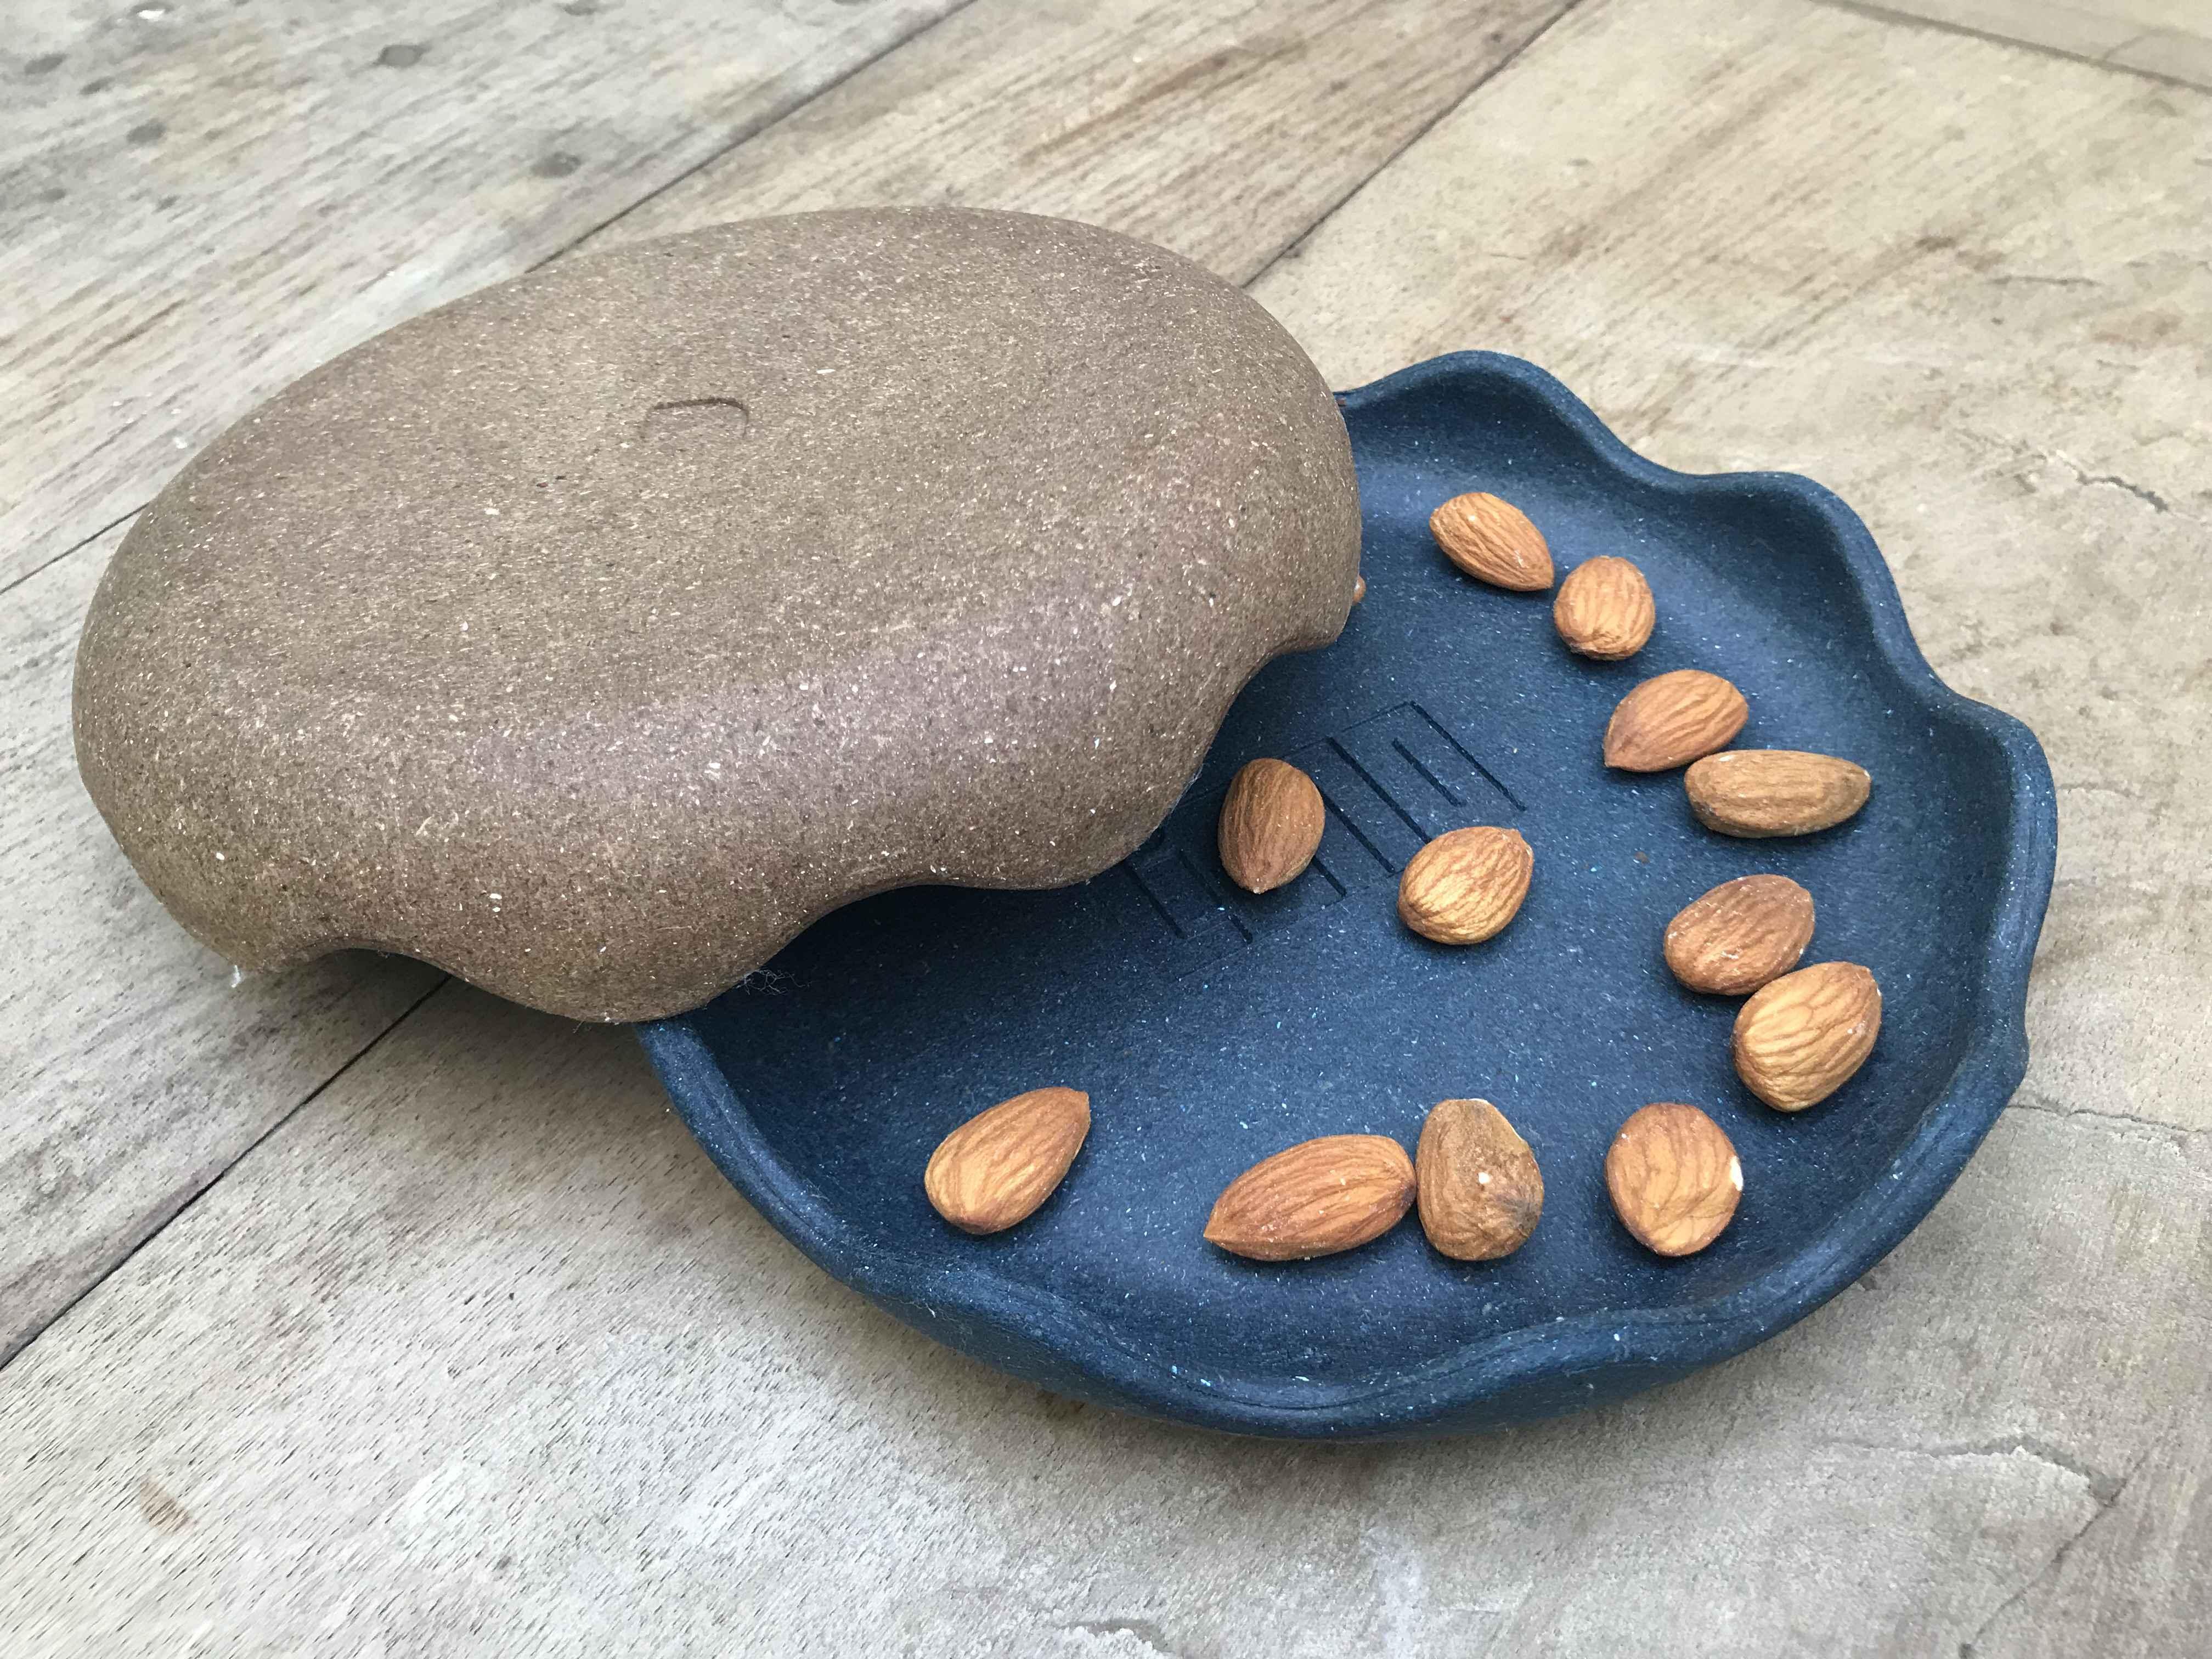 Bowl raso, um dos objetos desenvolvidos com resíduos de madeira